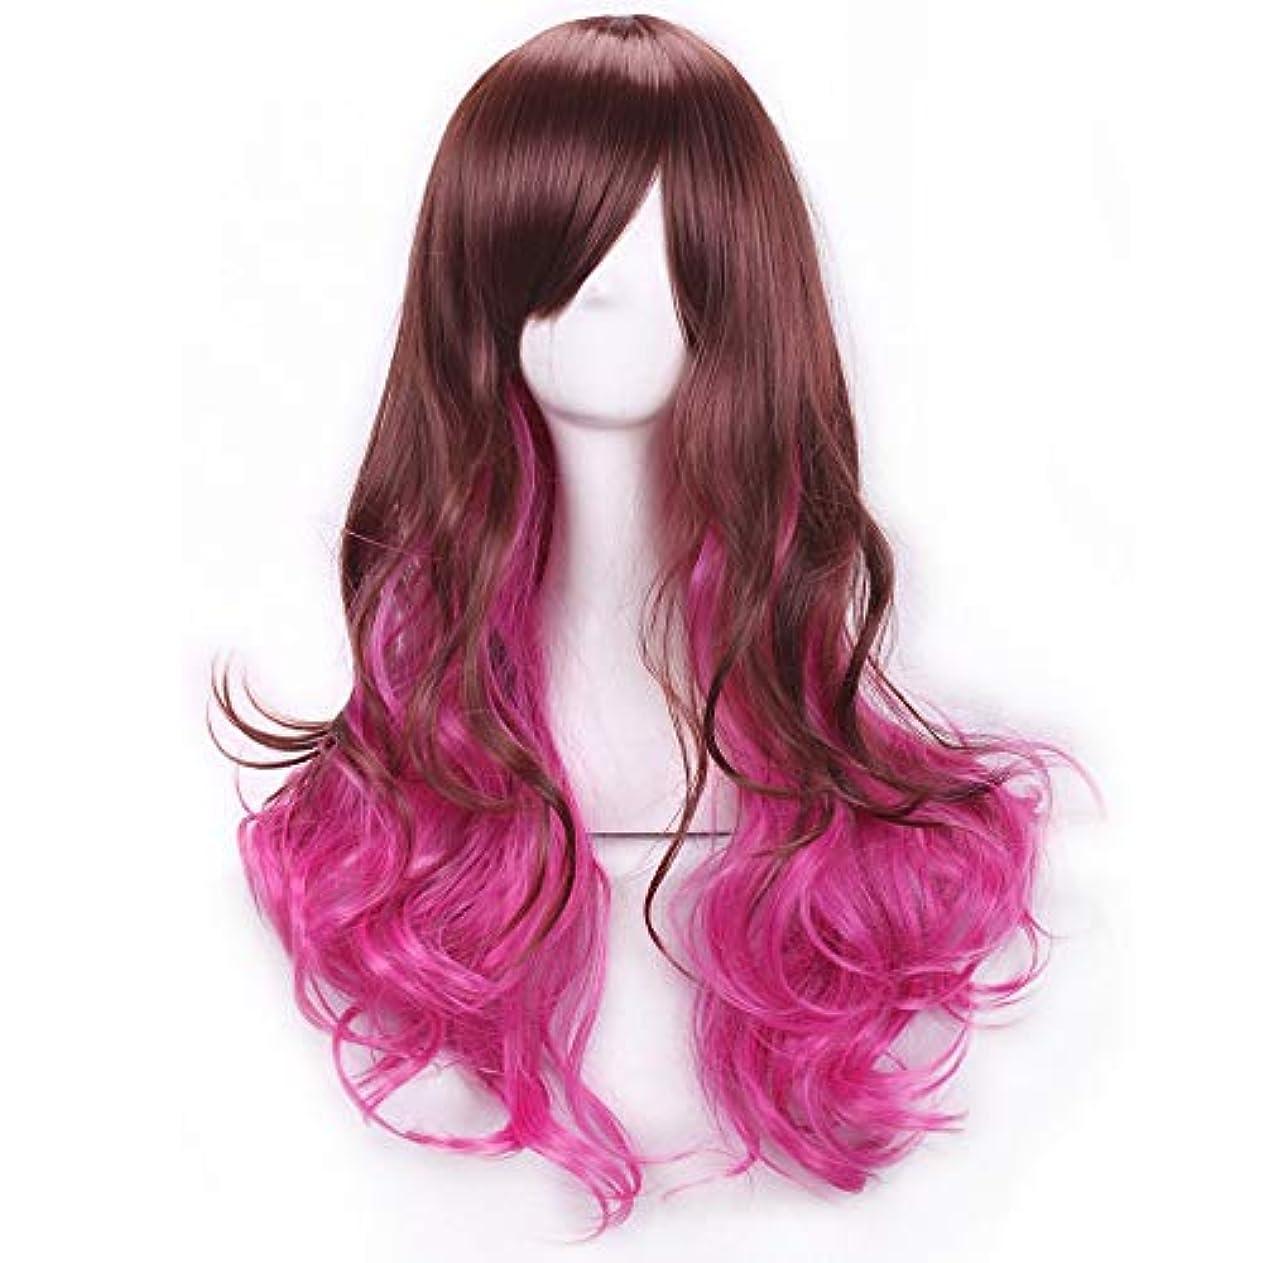 拒絶する悲しみ五かつらキャップでかつらファンシードレスカールかつら女性用高品質合成毛髪コスプレ高密度かつら女性&女の子用ブラウン、ピンク、パープル (Color : ピンク)